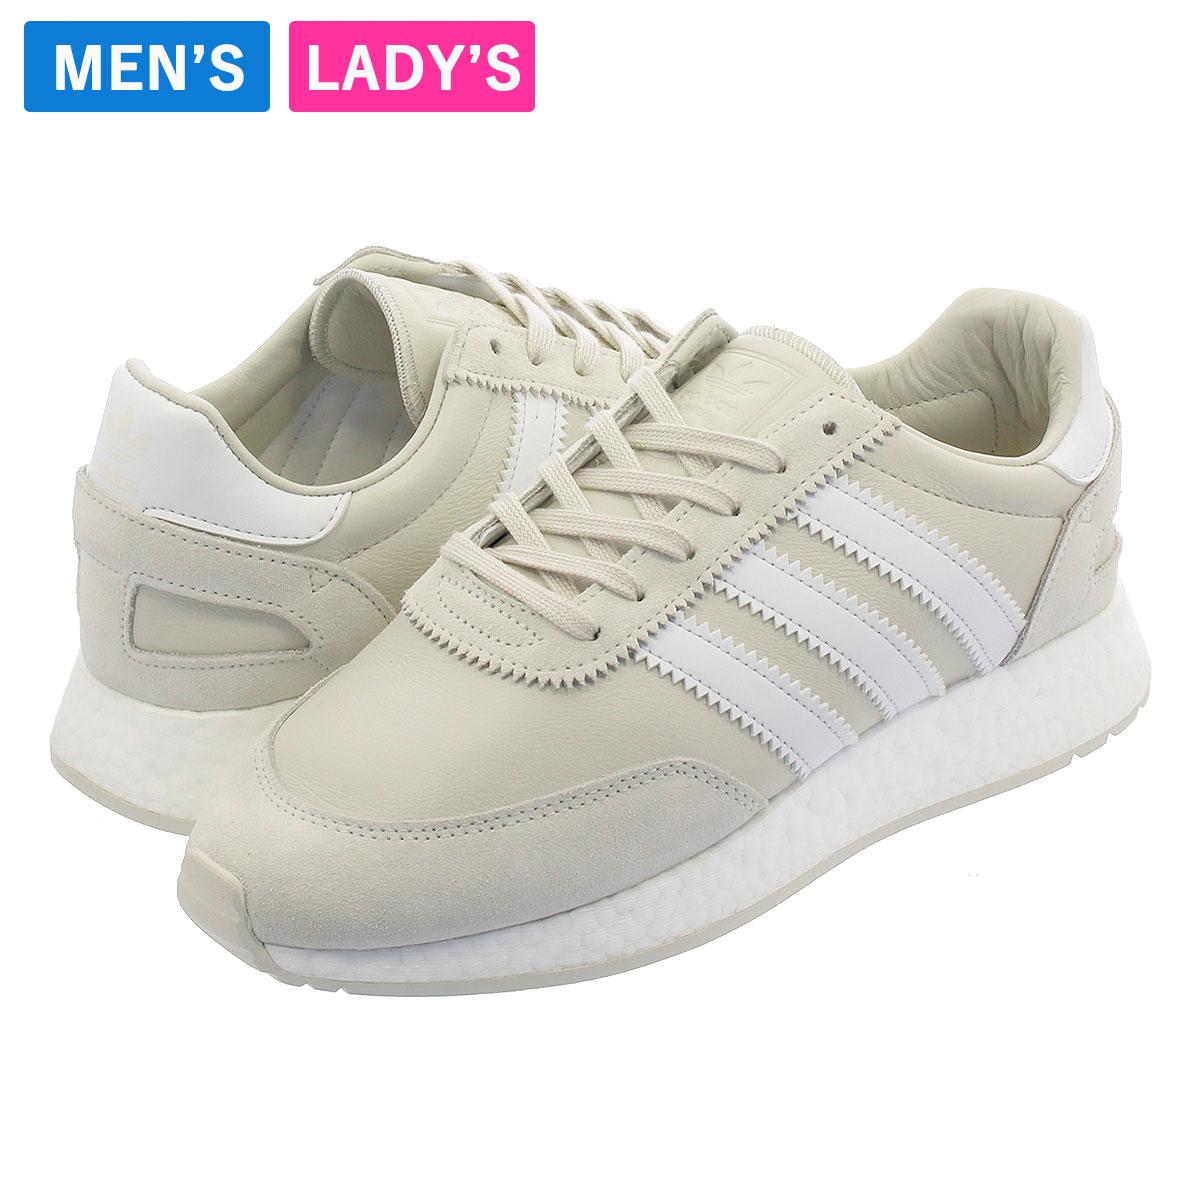 adidas I 5923 Adidas I 5923 RAW WHITECRYSTAL WHITERUNNING WHITE bd7799